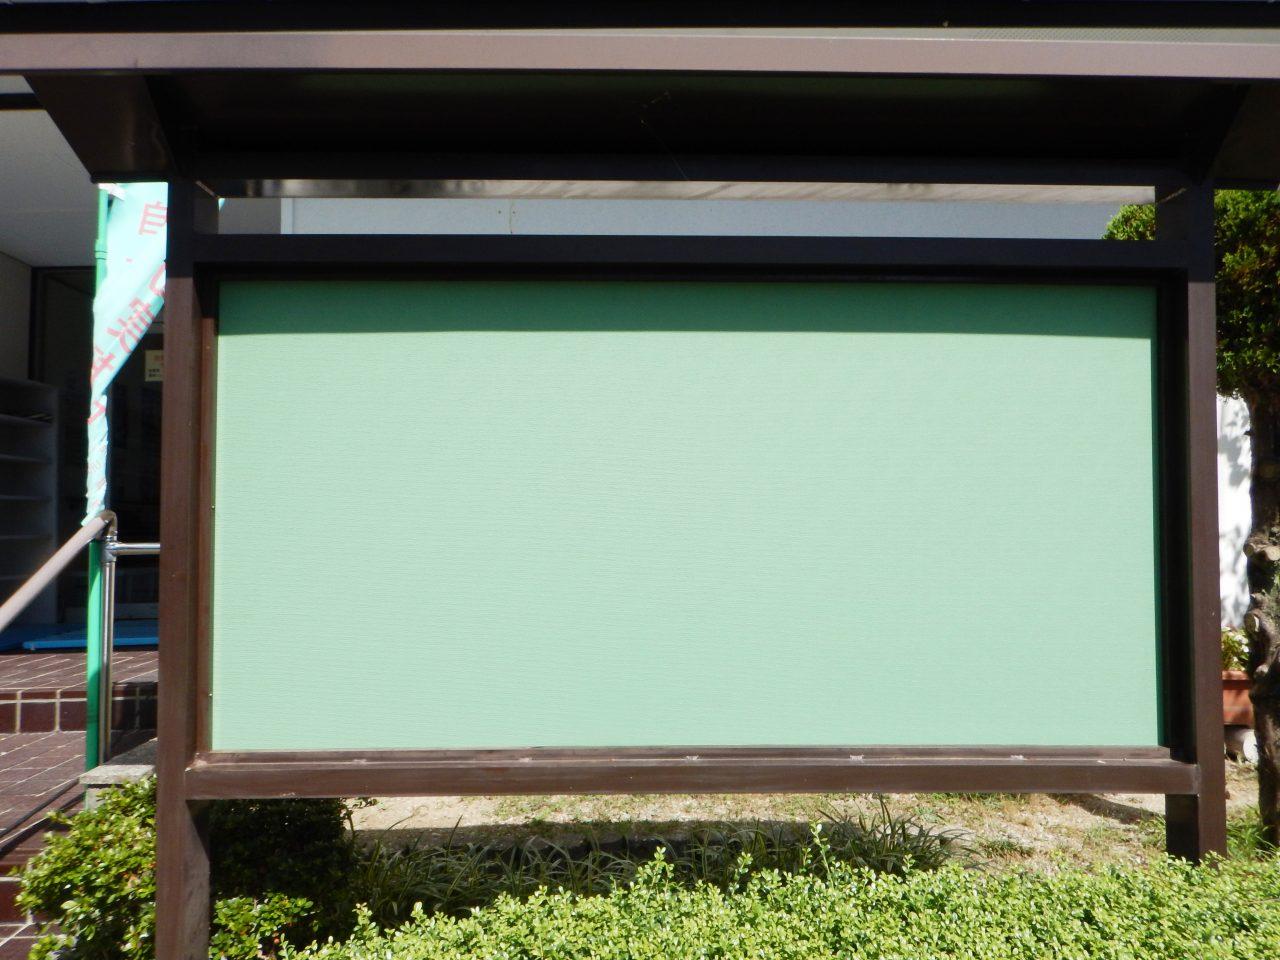 自治区 掲示板の張替え工事